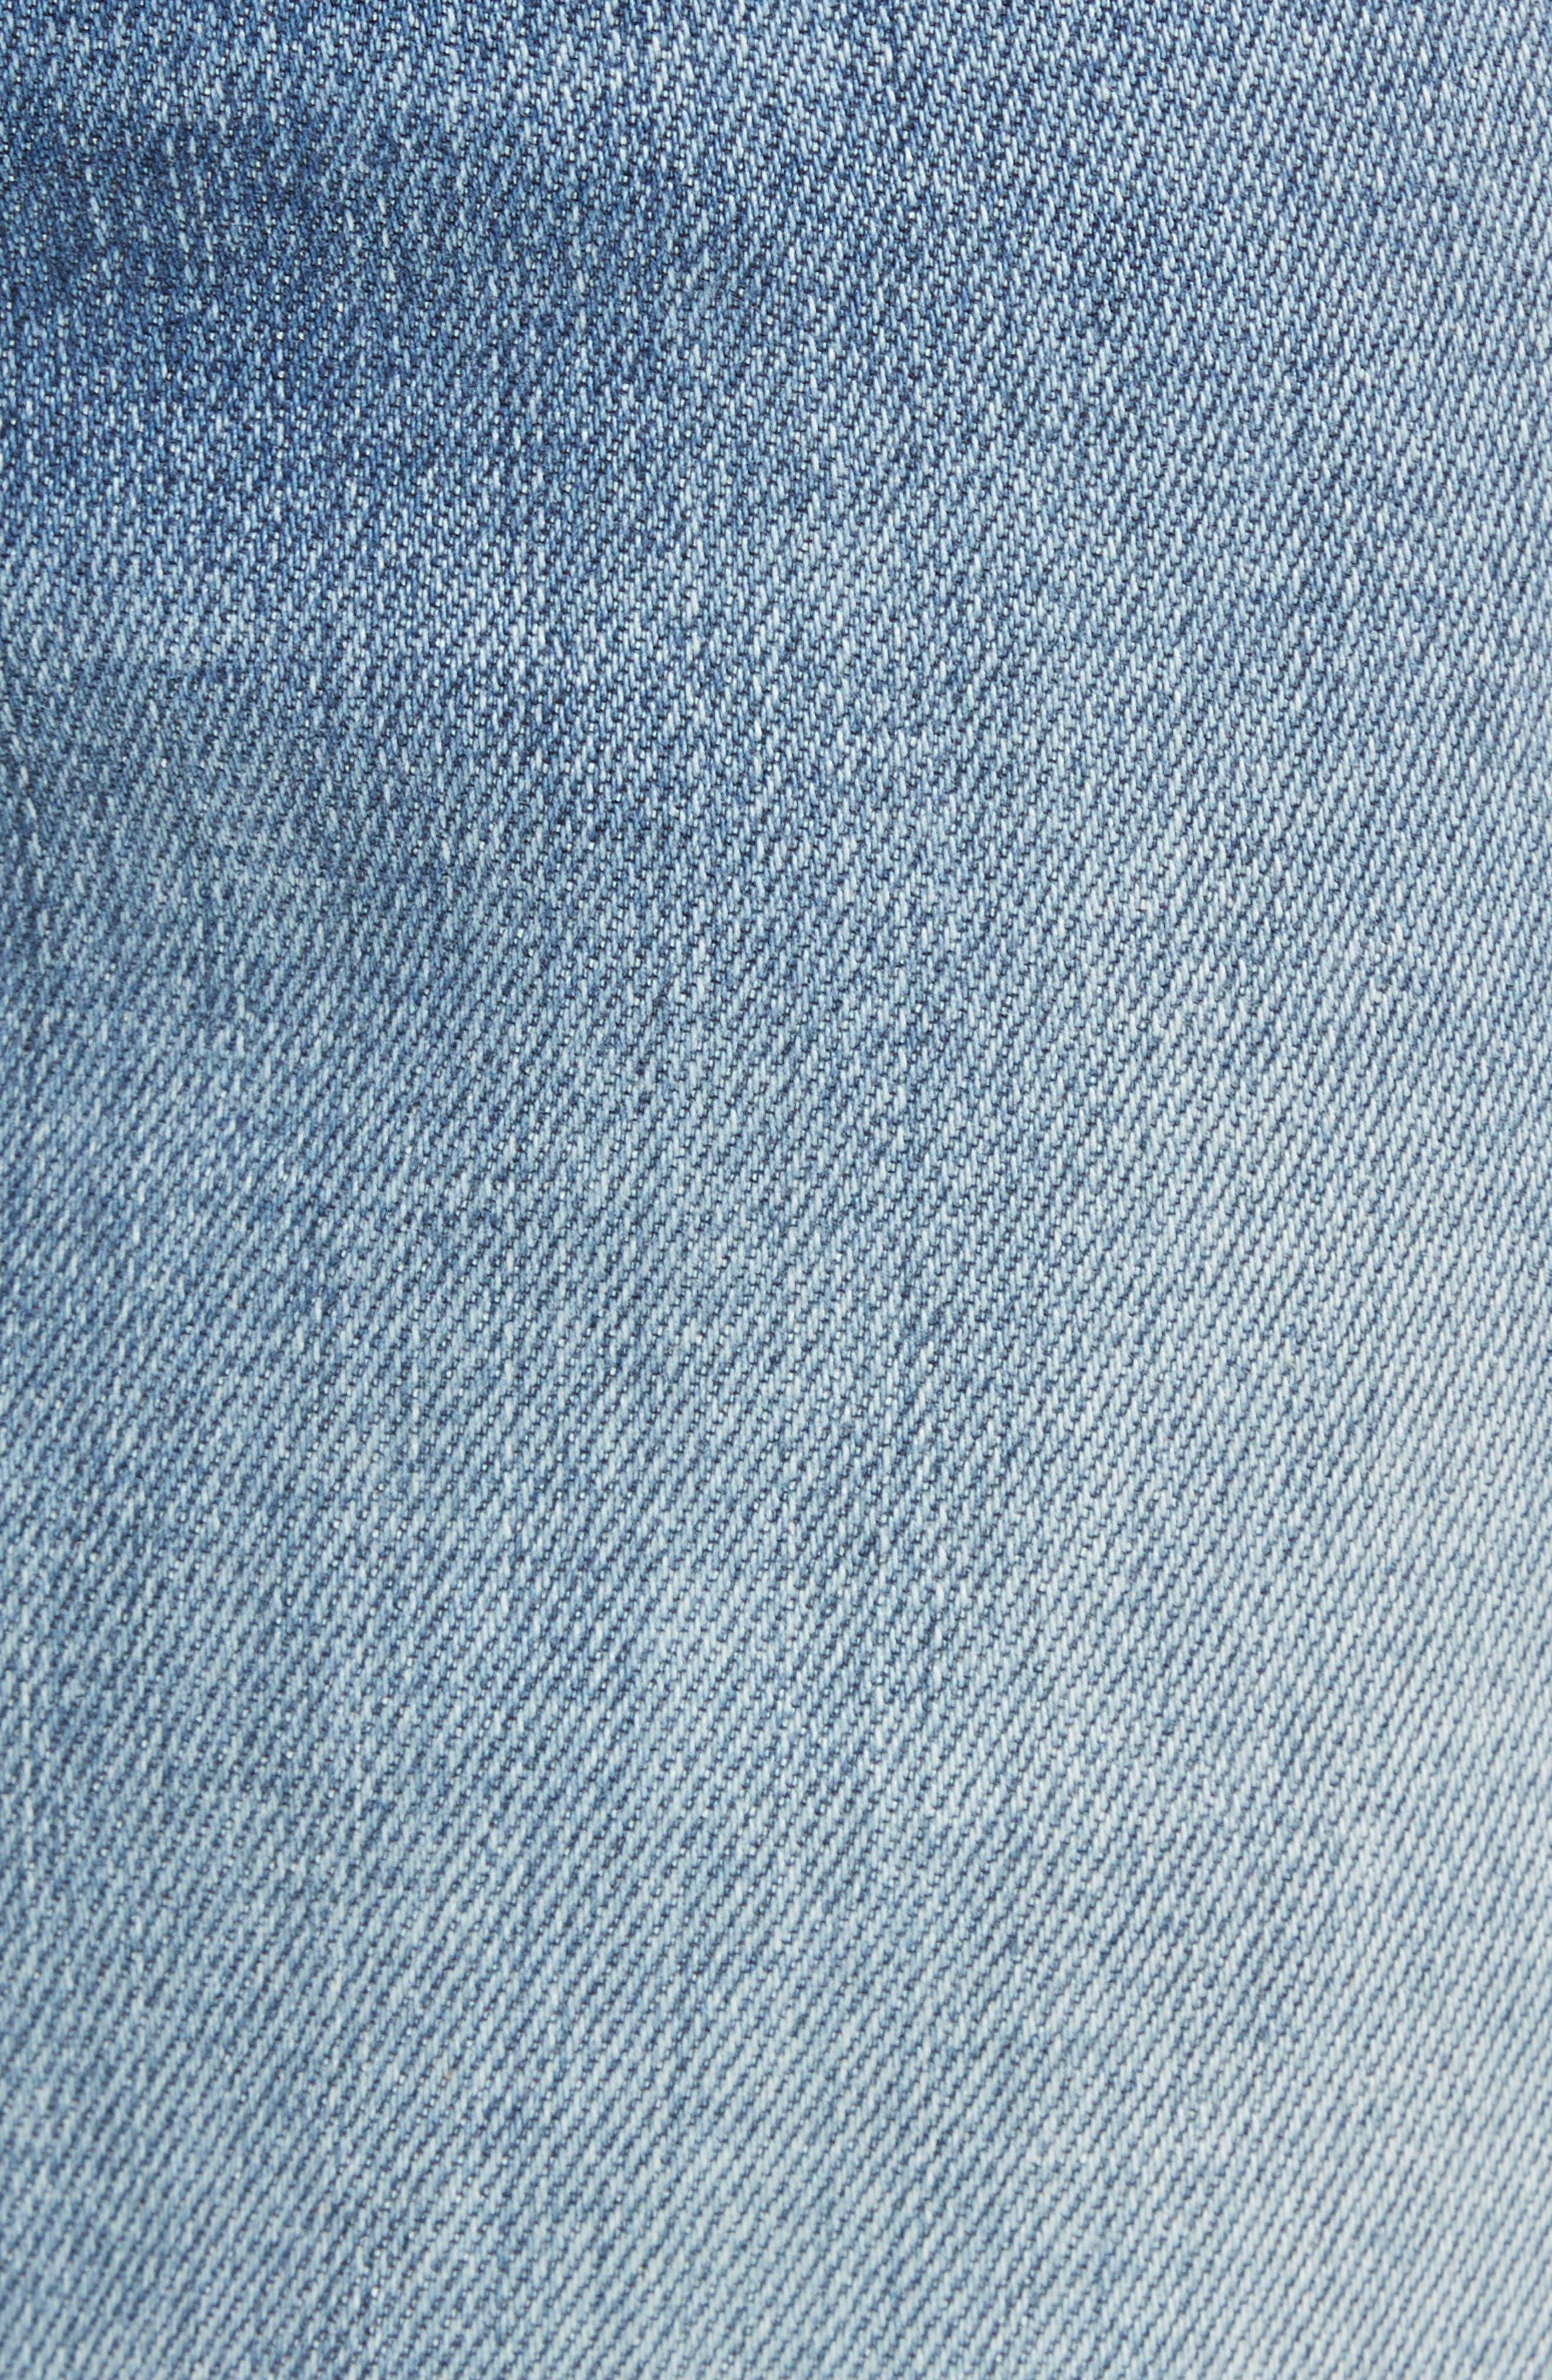 L'Homme Slim Fit Jeans,                             Alternate thumbnail 5, color,                             Yucca